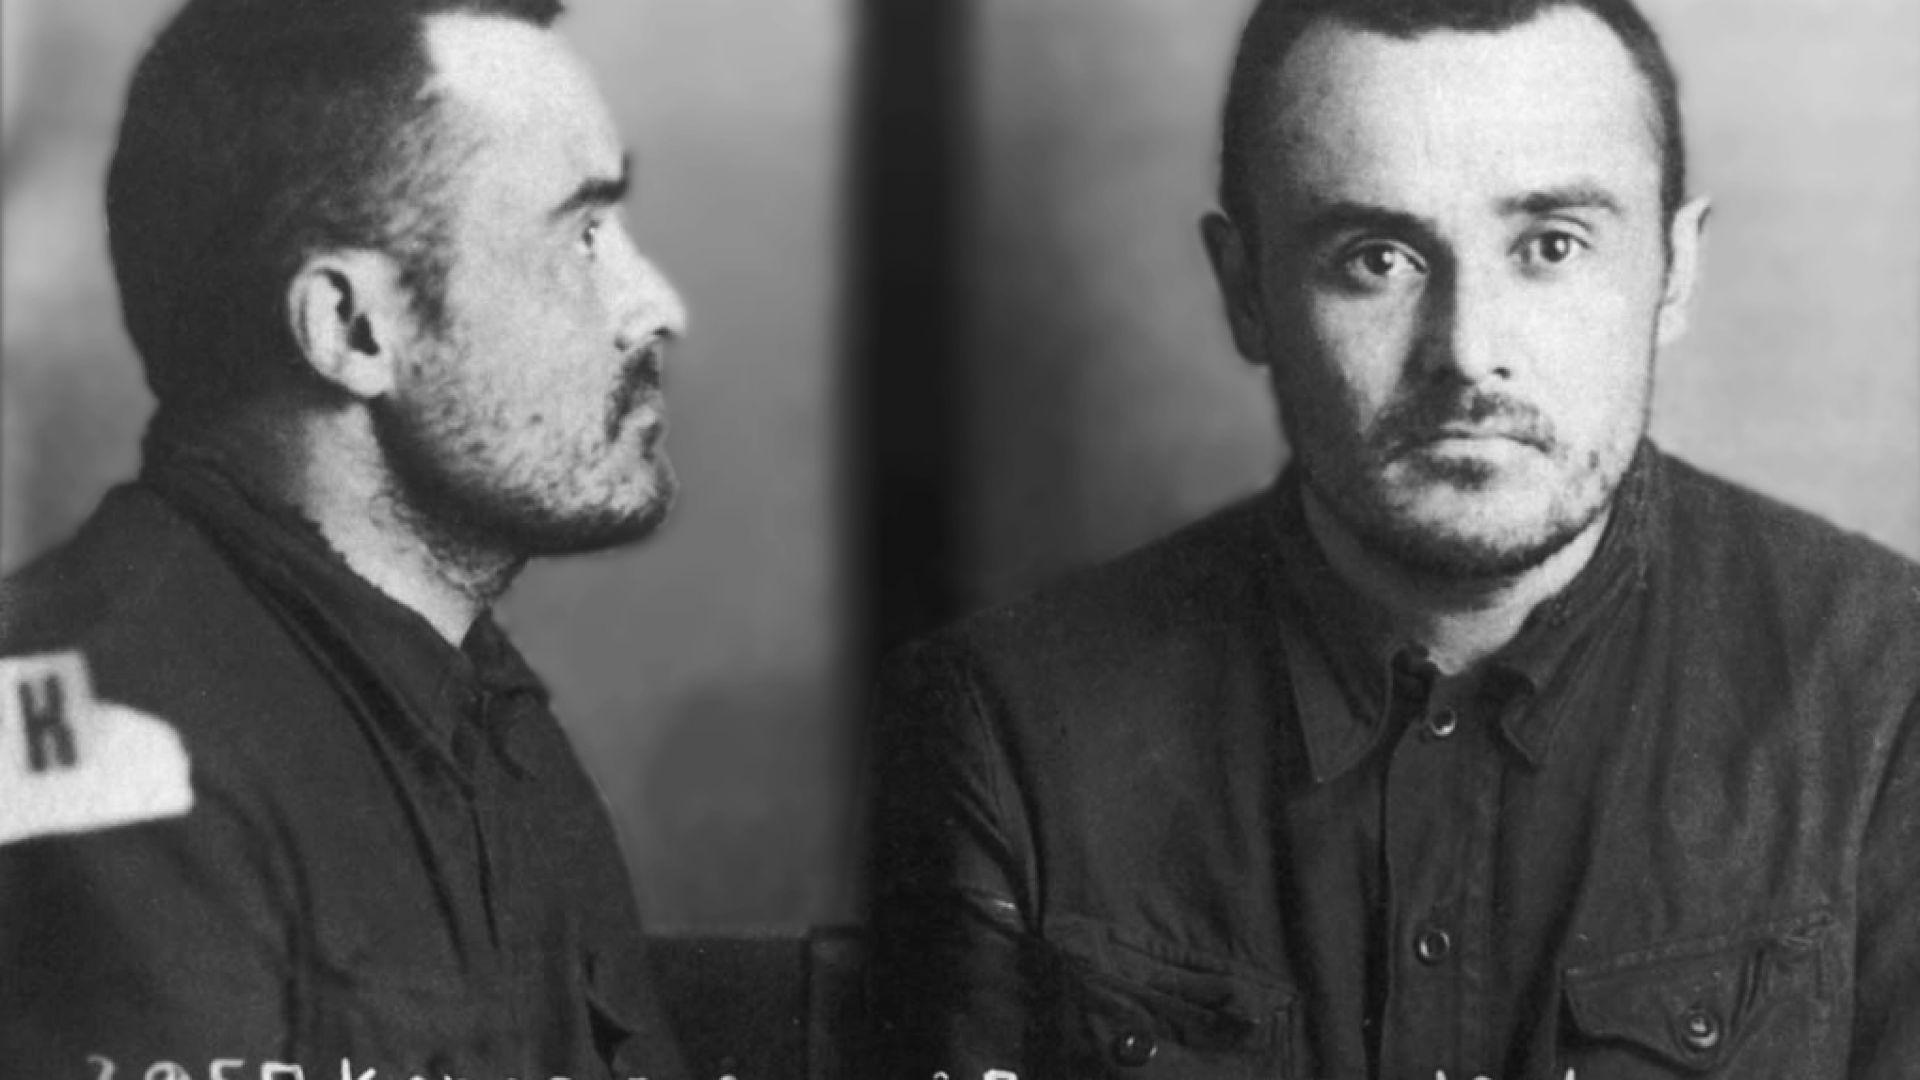 Сергей Корольов е осъден и изпратен в най-северните части на Сибир